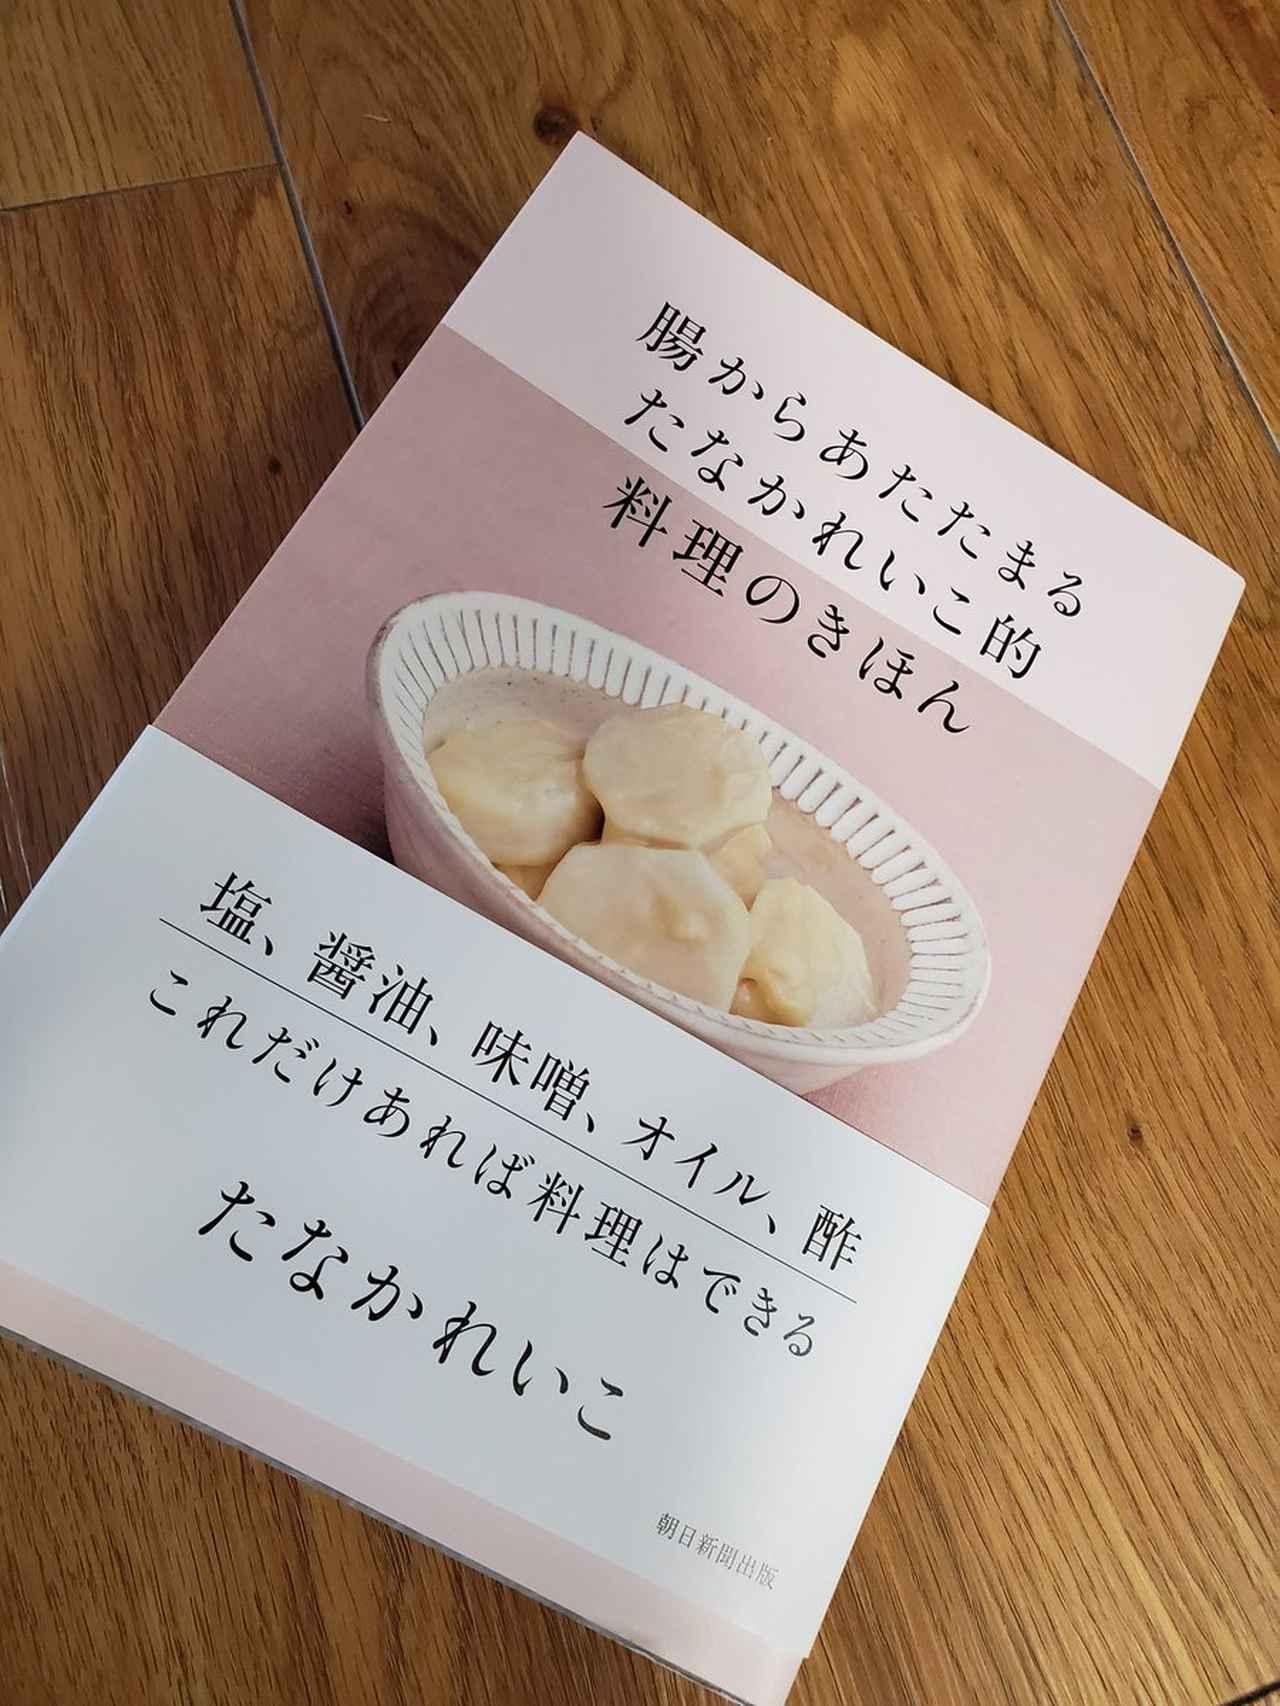 画像: 森岡書店 銀座店(@morioka_ginza)さん | Twitter